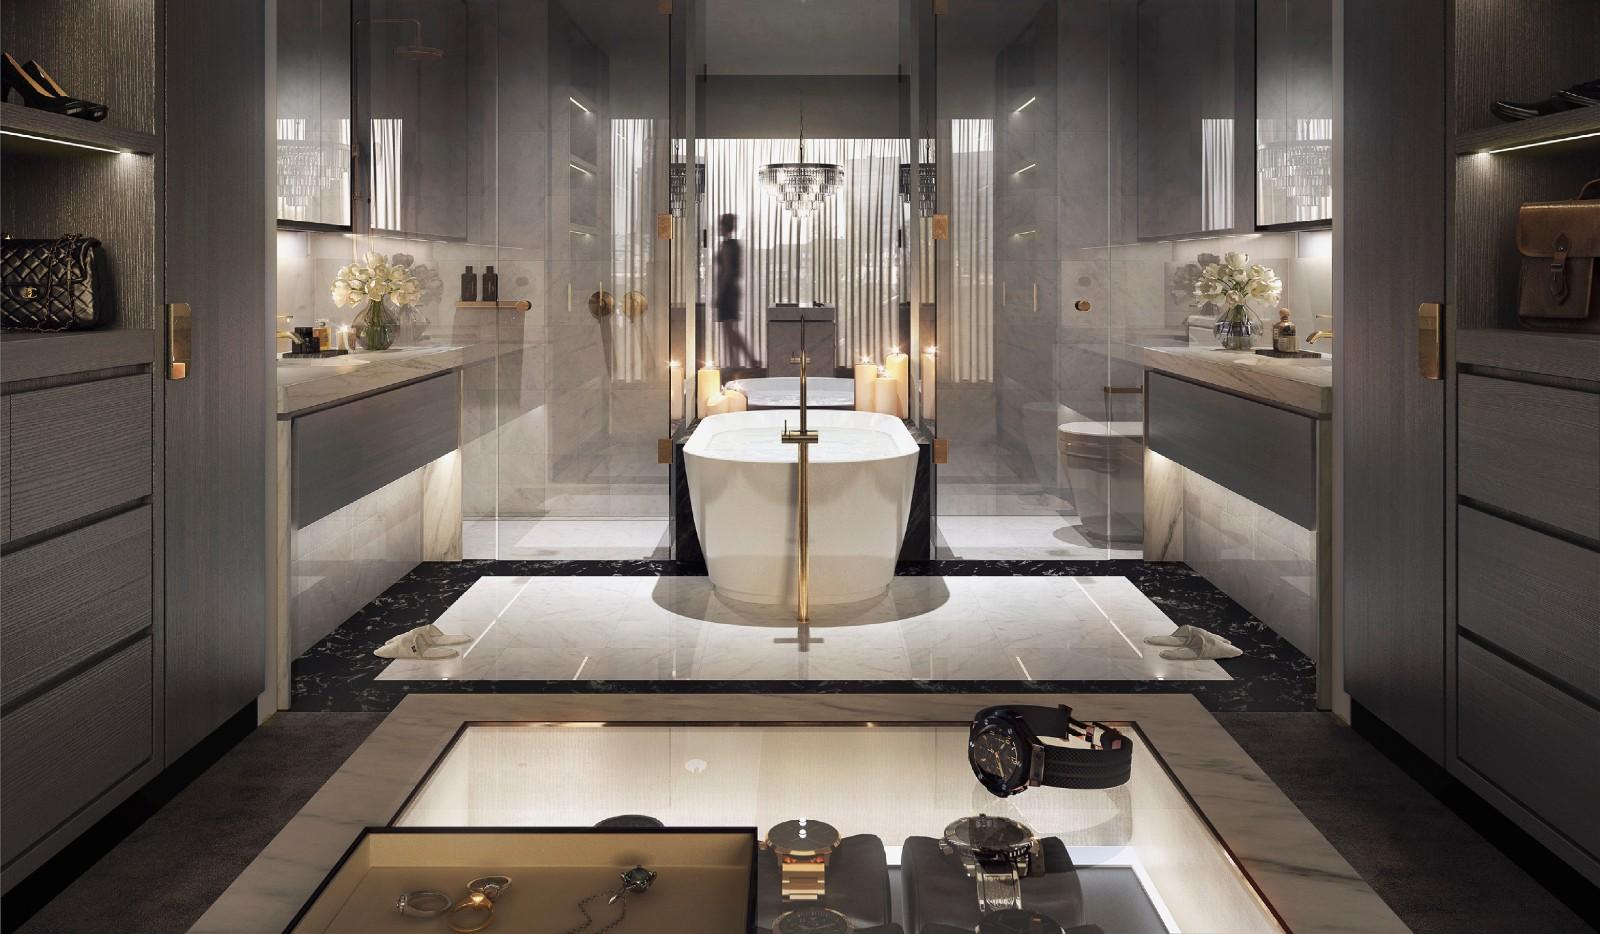 ap_bathroom.jpg